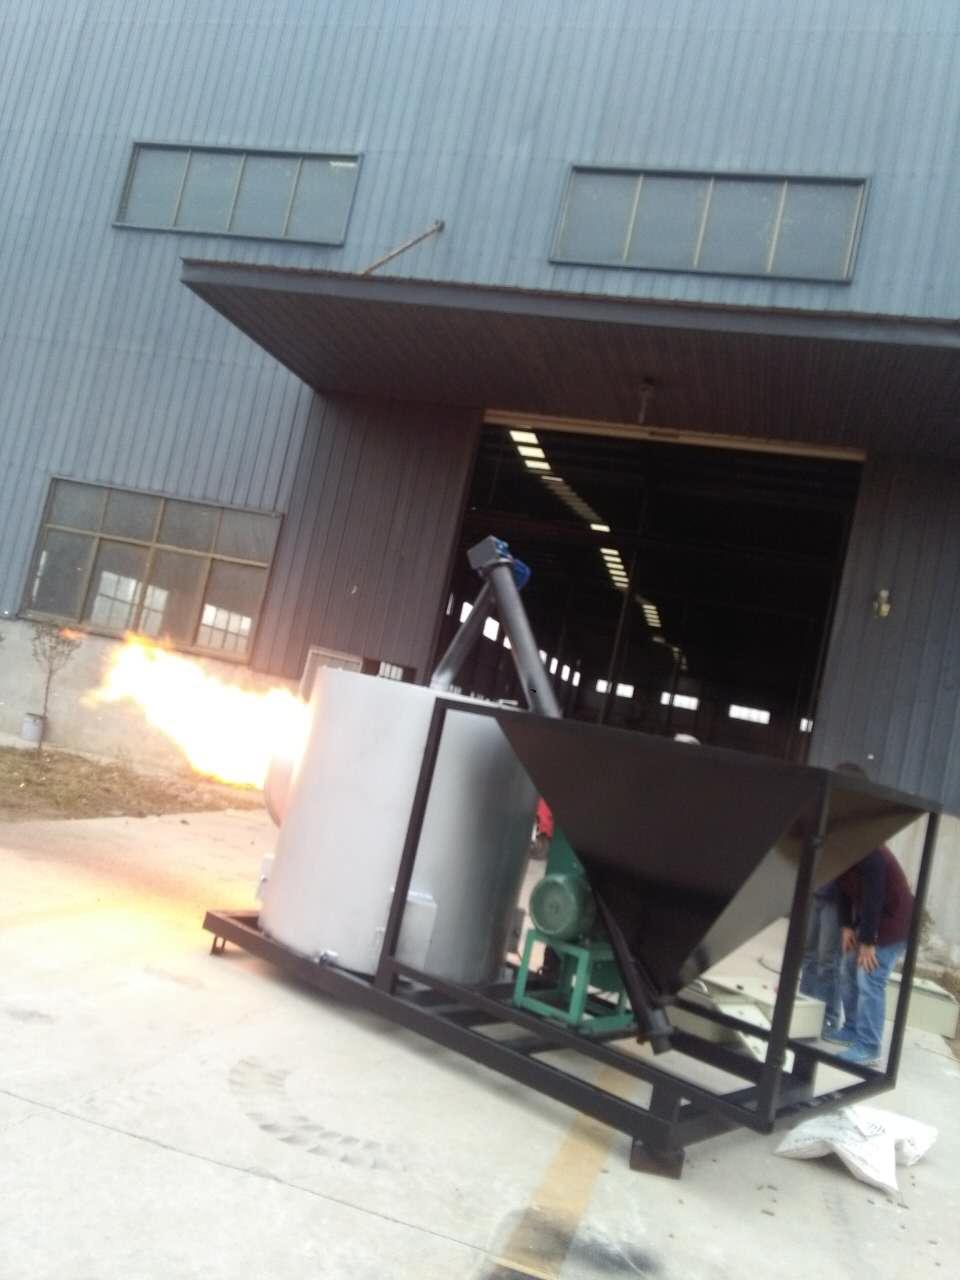 田农机械专业生产燃烧机工业园|燃烧率高的燃烧炉-- 济宁市田农机械有限公司